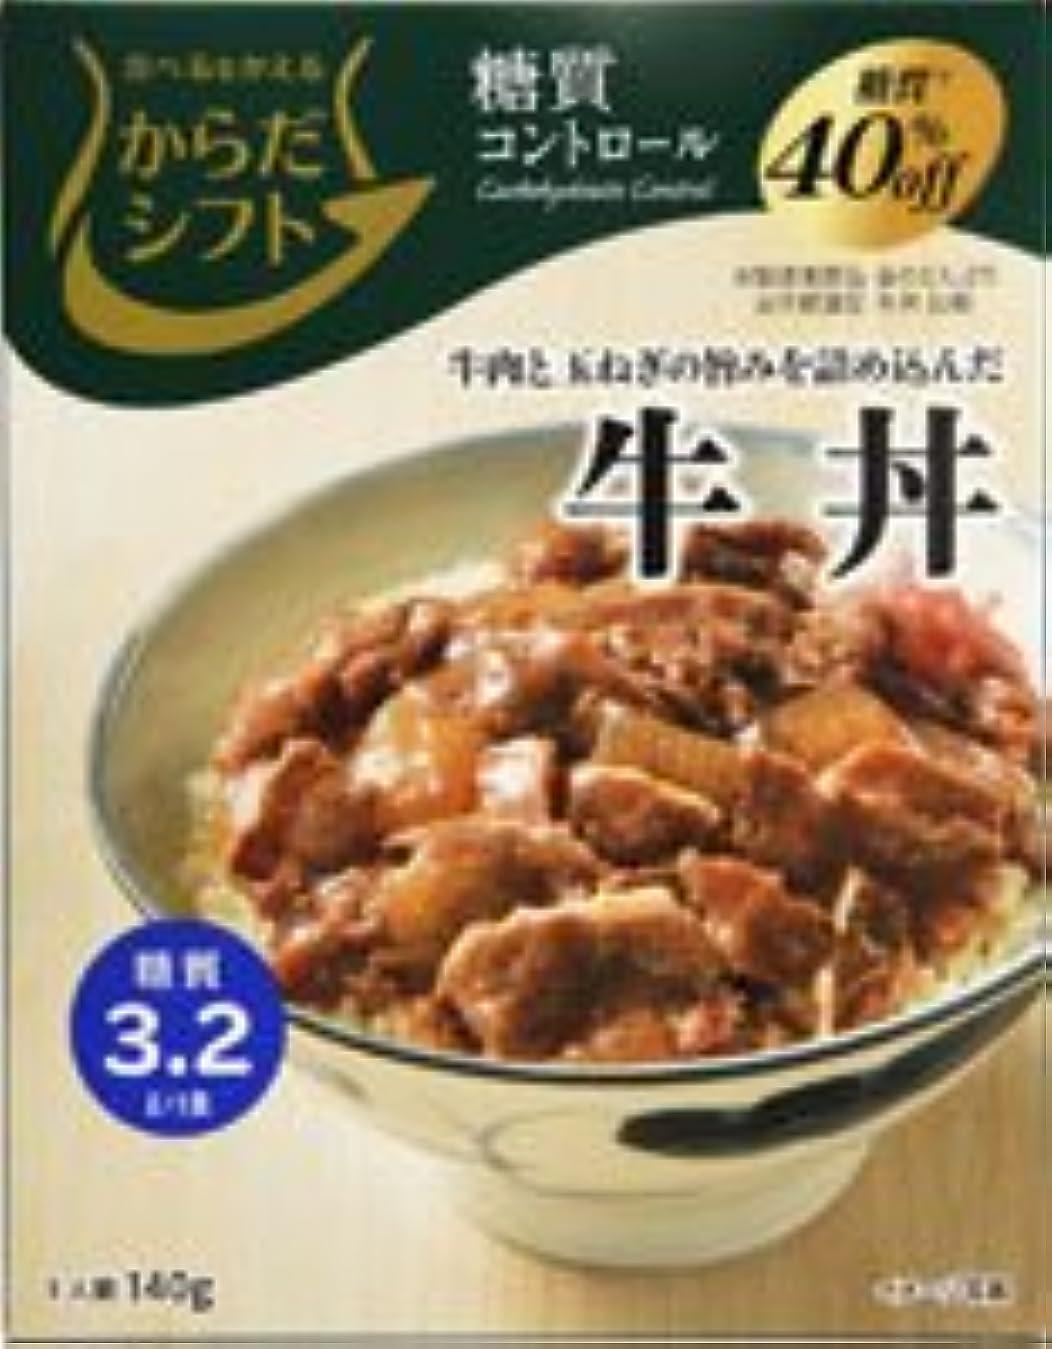 しばしば欠点満足からだシフト 糖質コントロール 牛丼140g 【5個セット】